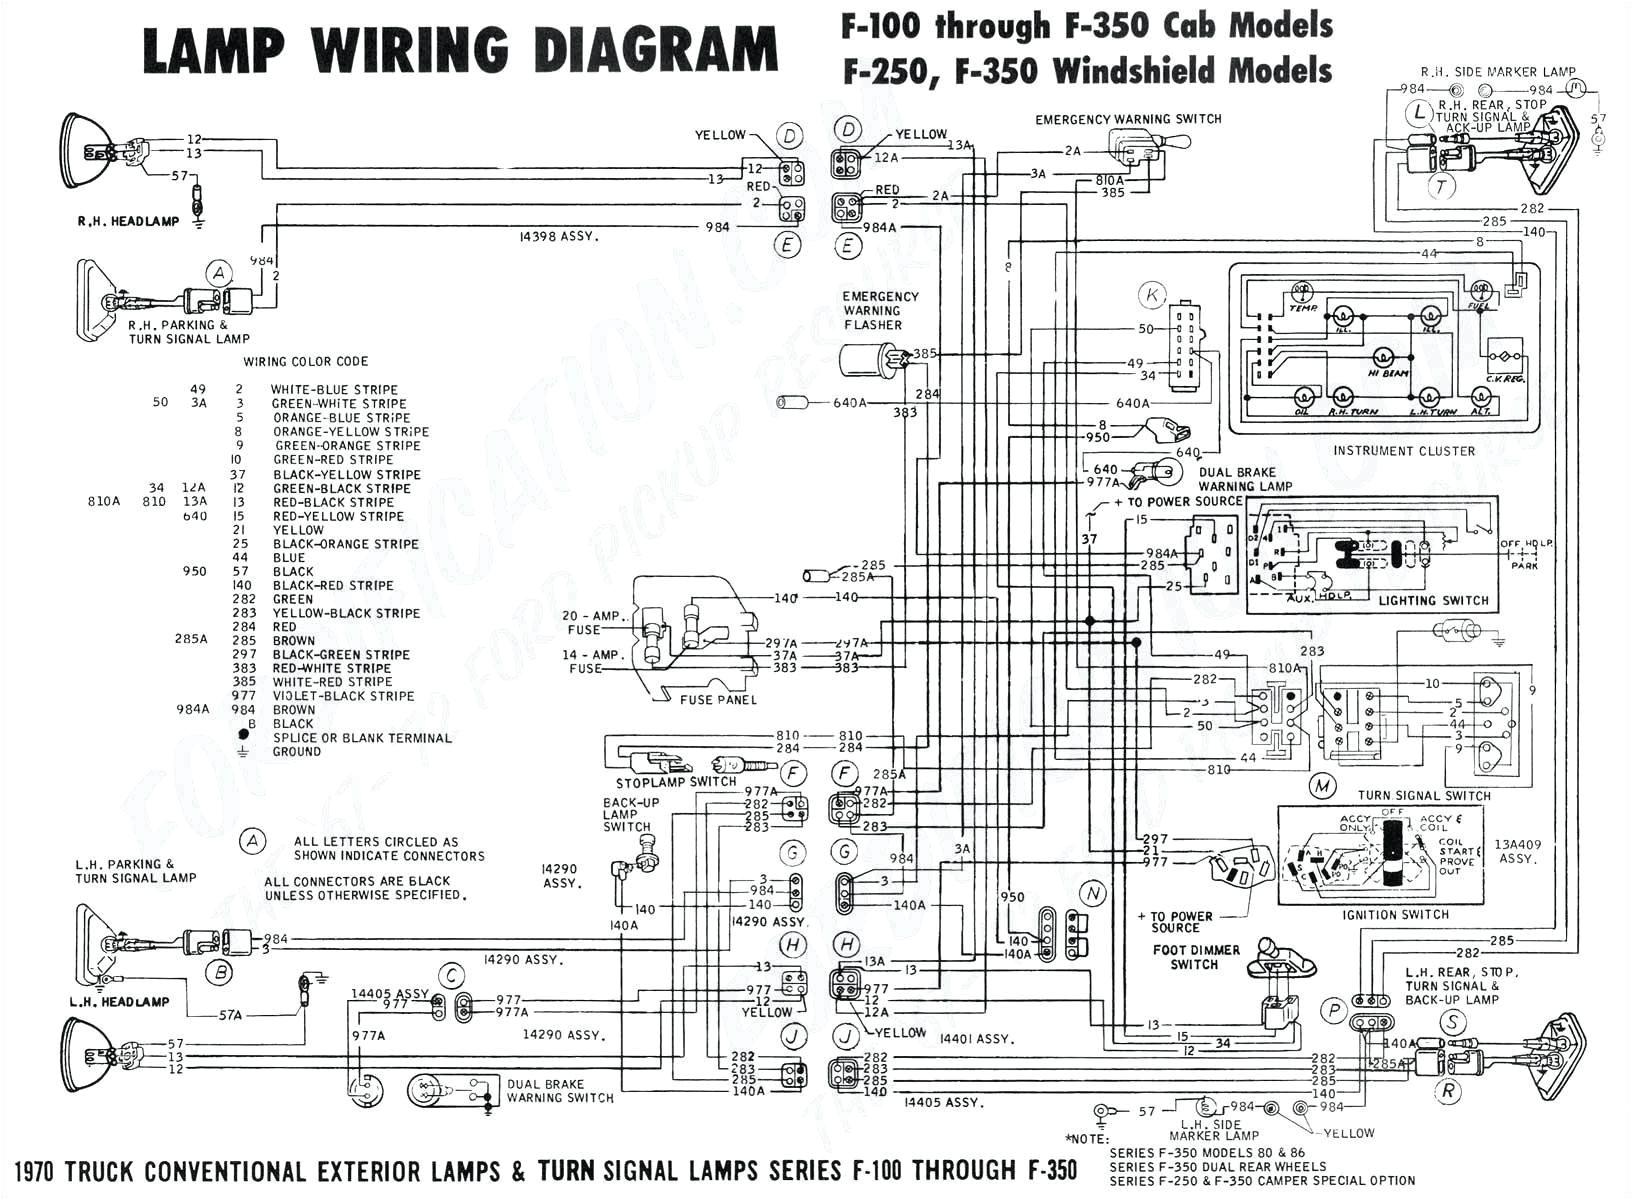 back up alarm wiring diagram wiring diagram view 1845c wiring diagram back up alarm wiring diagram